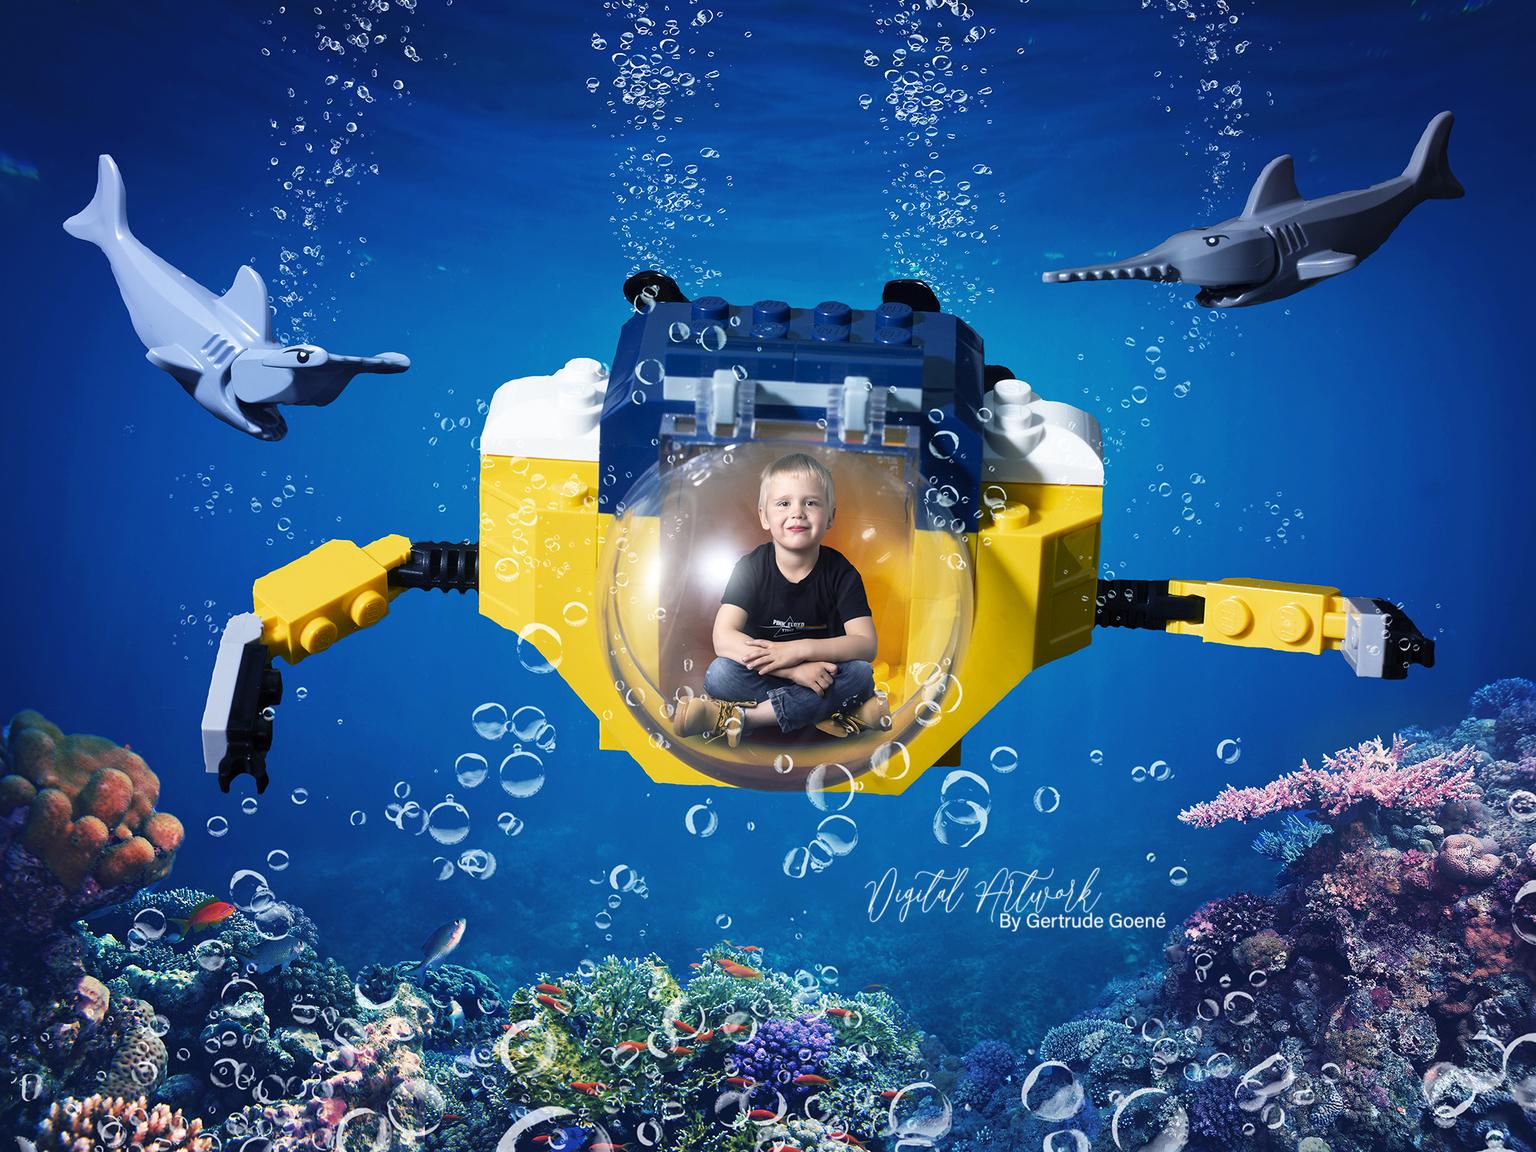 Onderwater duiken - Aryen wilde de onderwater wereld wel eens zien, nou dan gaan we dat toch regelen, zei mama.  En zo het geschiedde. We bouwde de onderzeeer op. En we  - foto door LegoUniverseAryen op 15-04-2021 - deze foto bevat: wereld, water, blauw, mensen in de natuur, azuur, natuurlijke omgeving, organisme, onderwater, gelukkig, vrije tijd